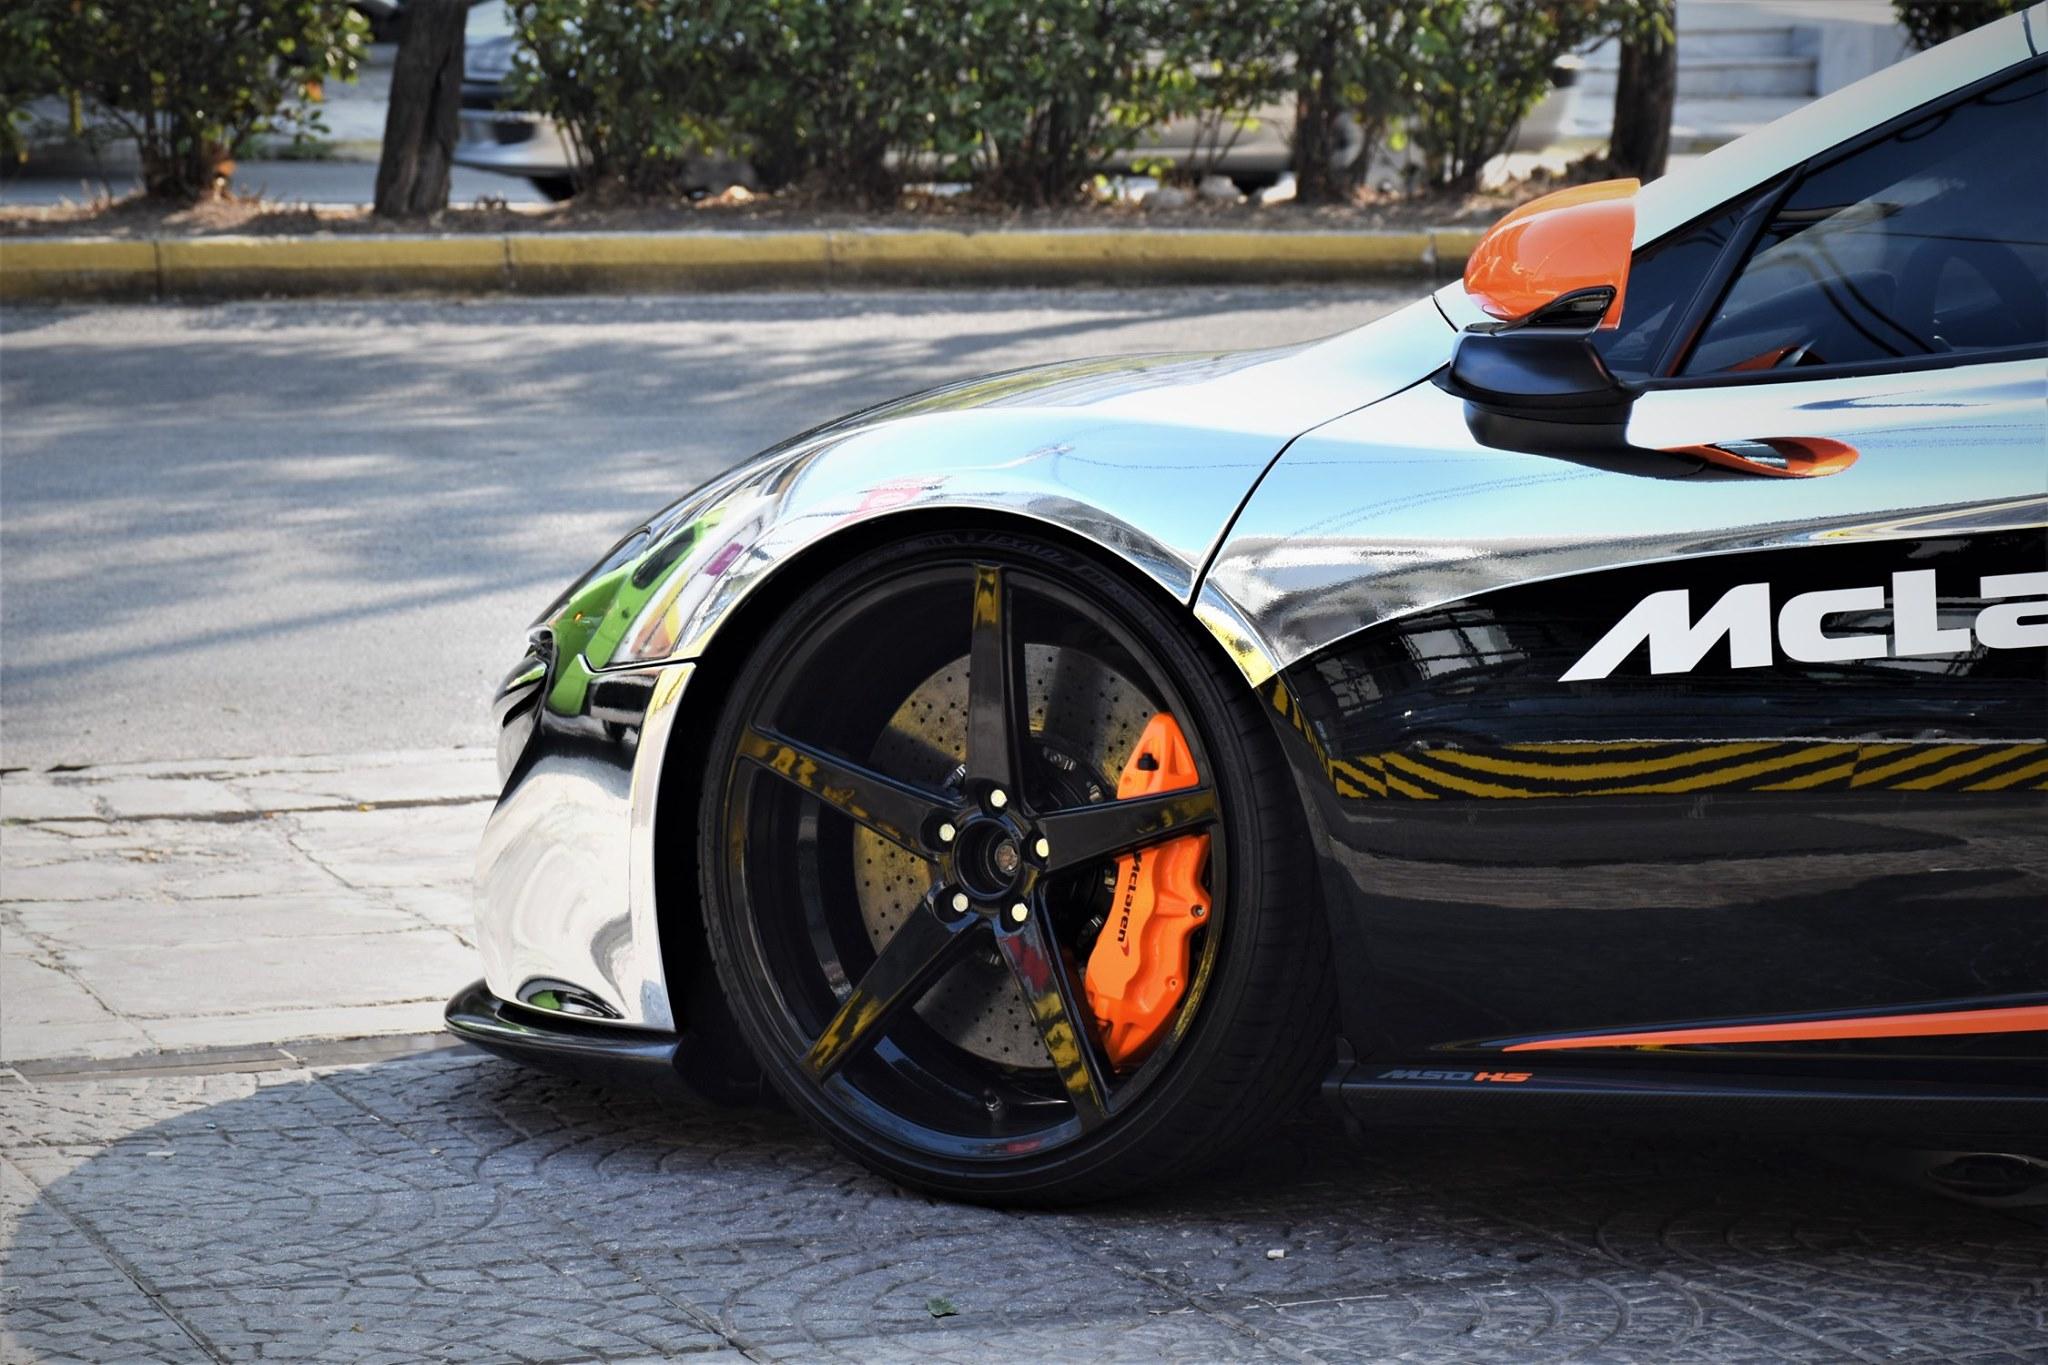 McLaren_650S_accident_0001